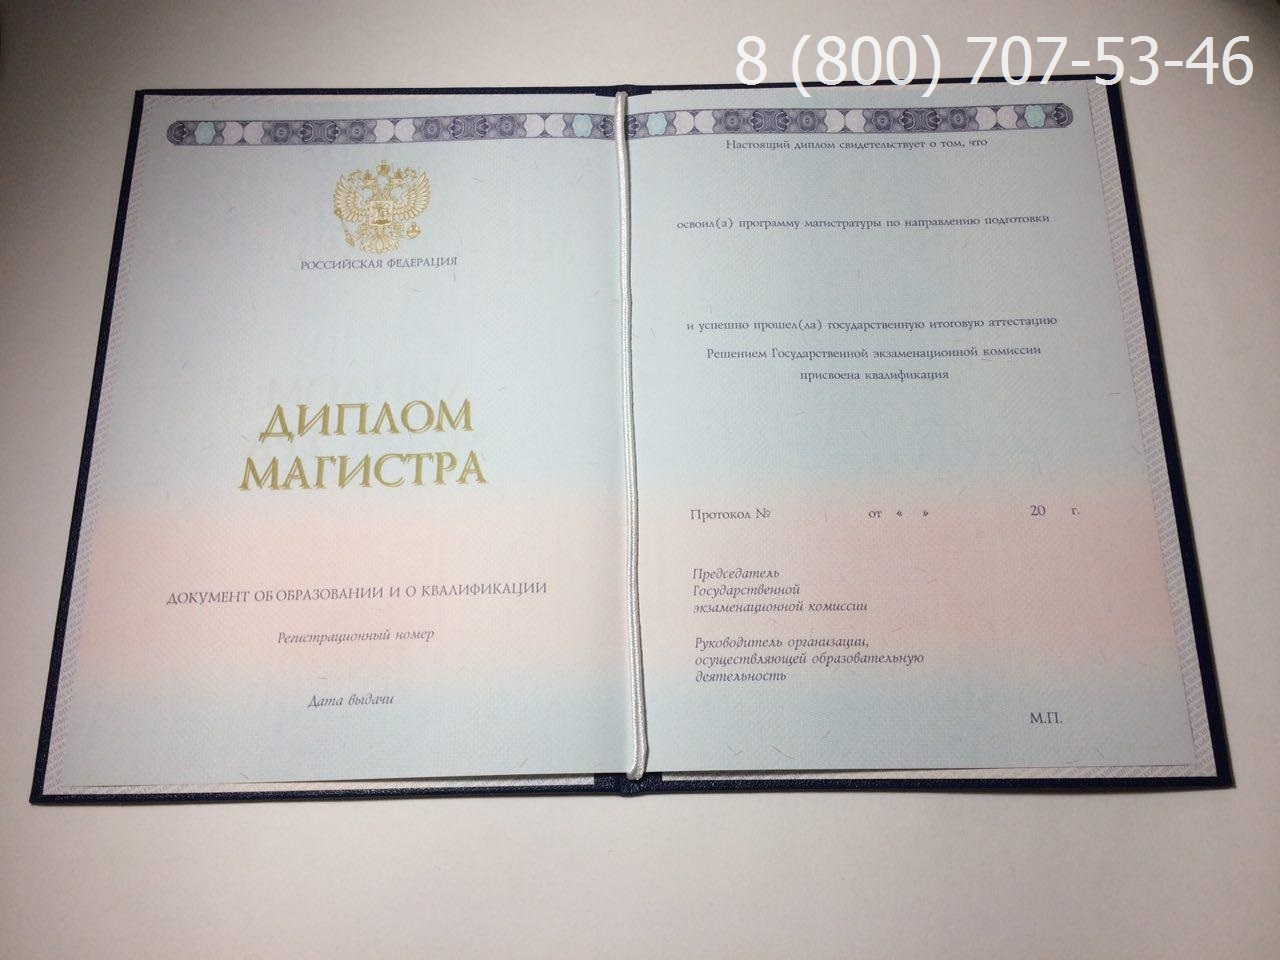 Диплом магистра о высшем образовании 2014-2017 годов